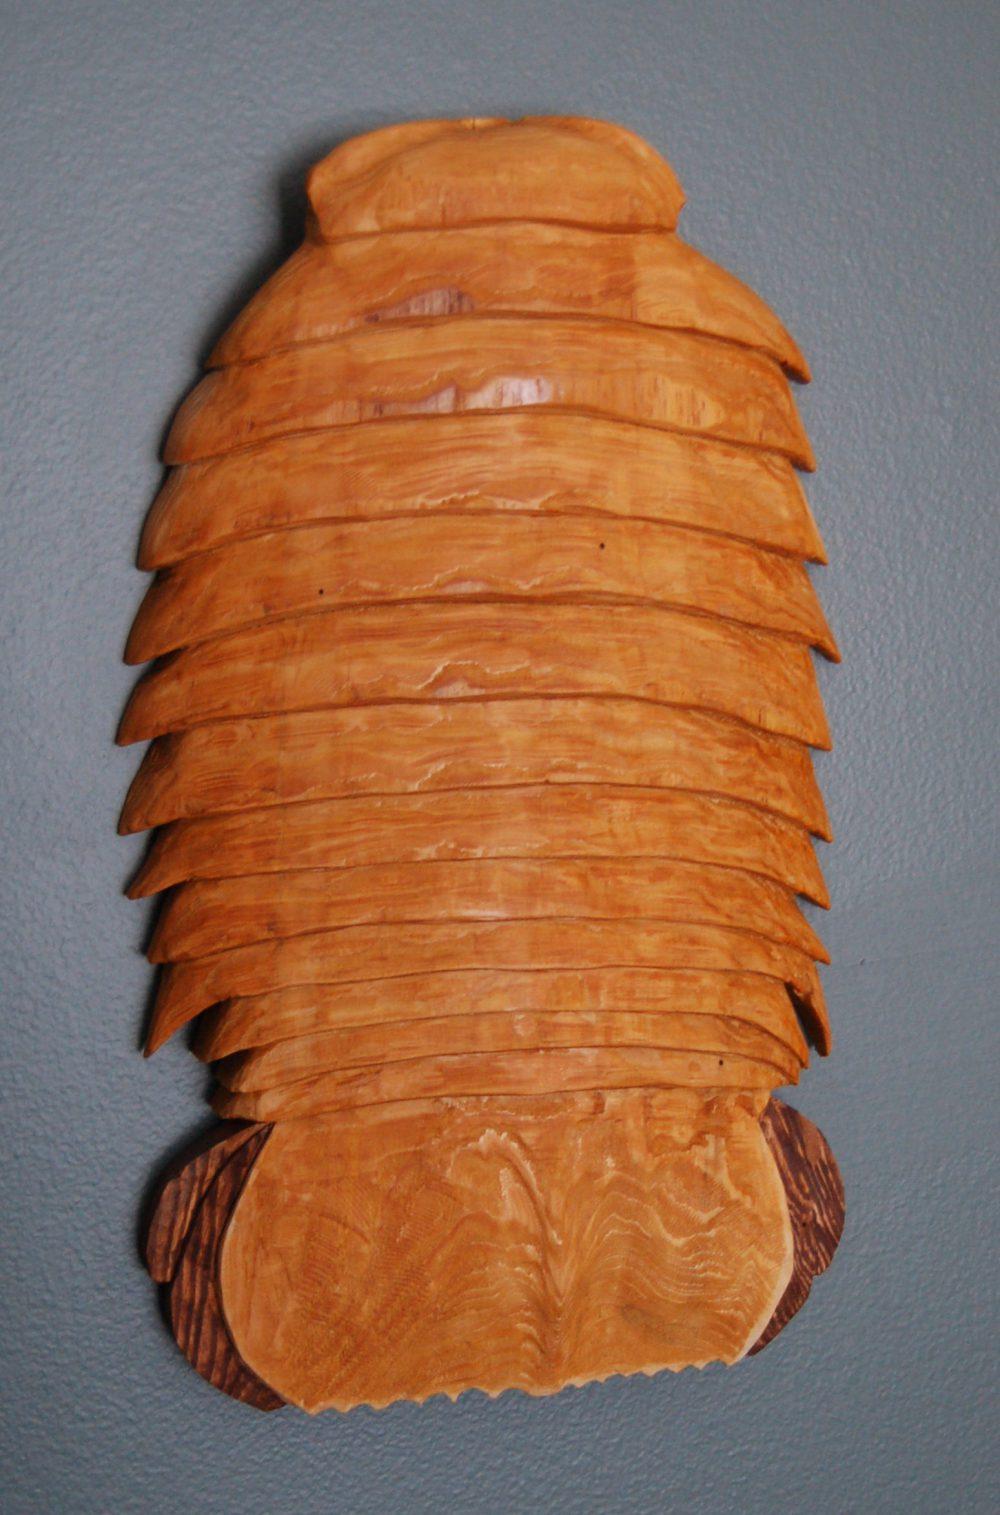 Isopod by Bev Clark